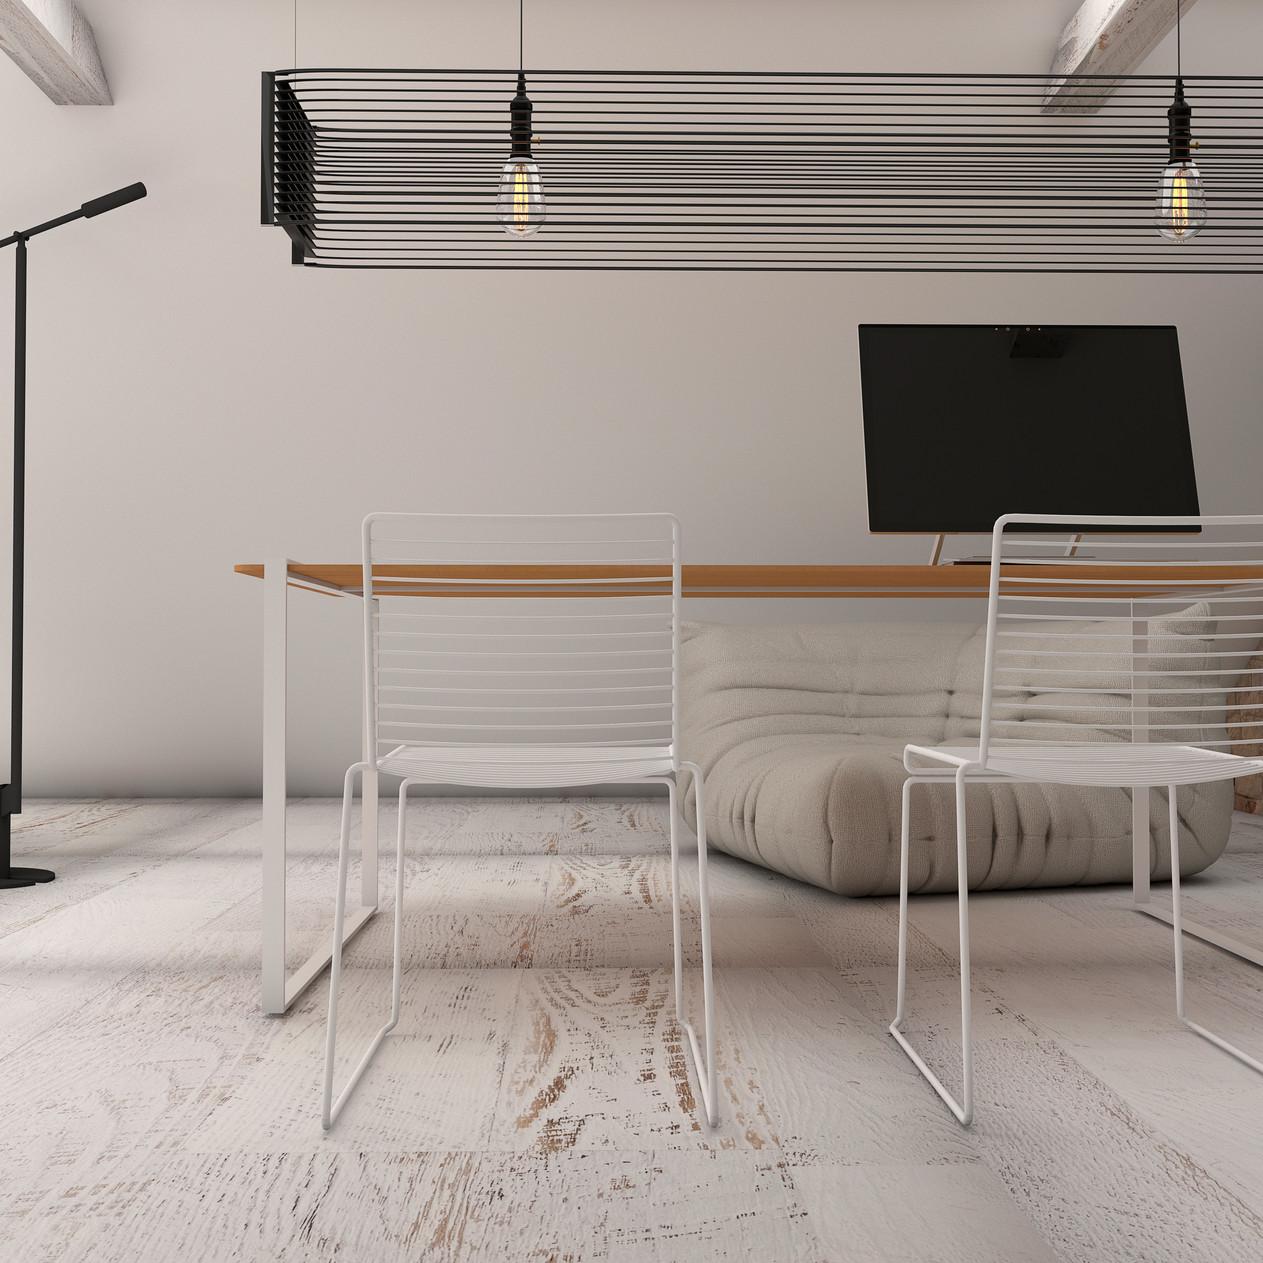 Entresol - Contemporary House